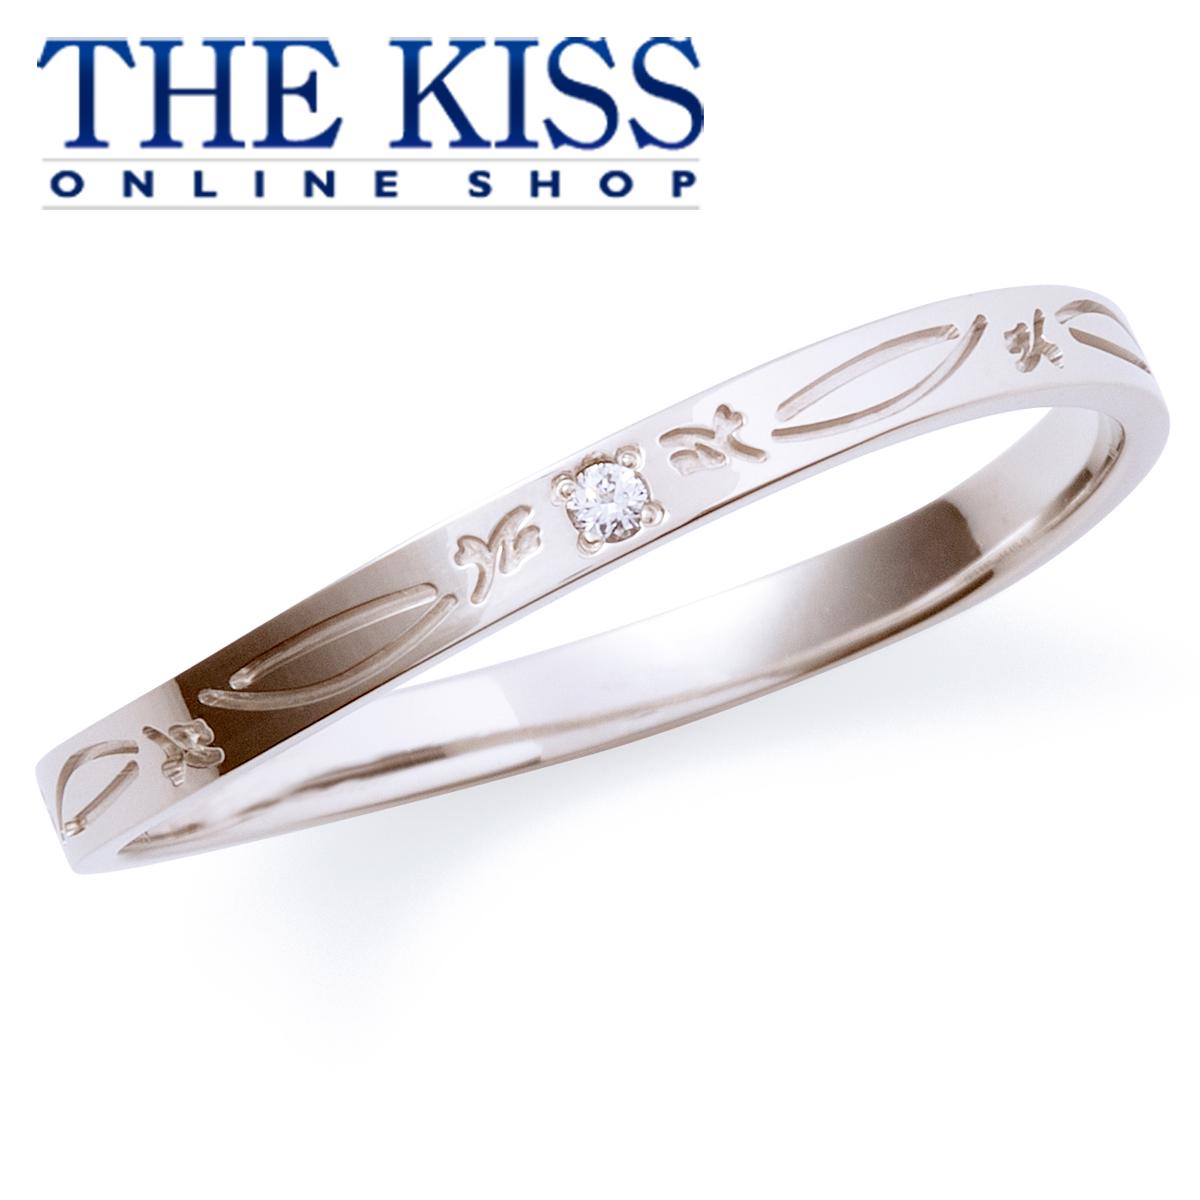 【あす楽対応】【送料無料】【THE KISS sweets】【ペアリング】 K10ホワイトゴールド メンズ リング (メンズ単品) K-R804WG ☆ ゴールド ペア リング 指輪 ブランド GOLD Pair Ring couple